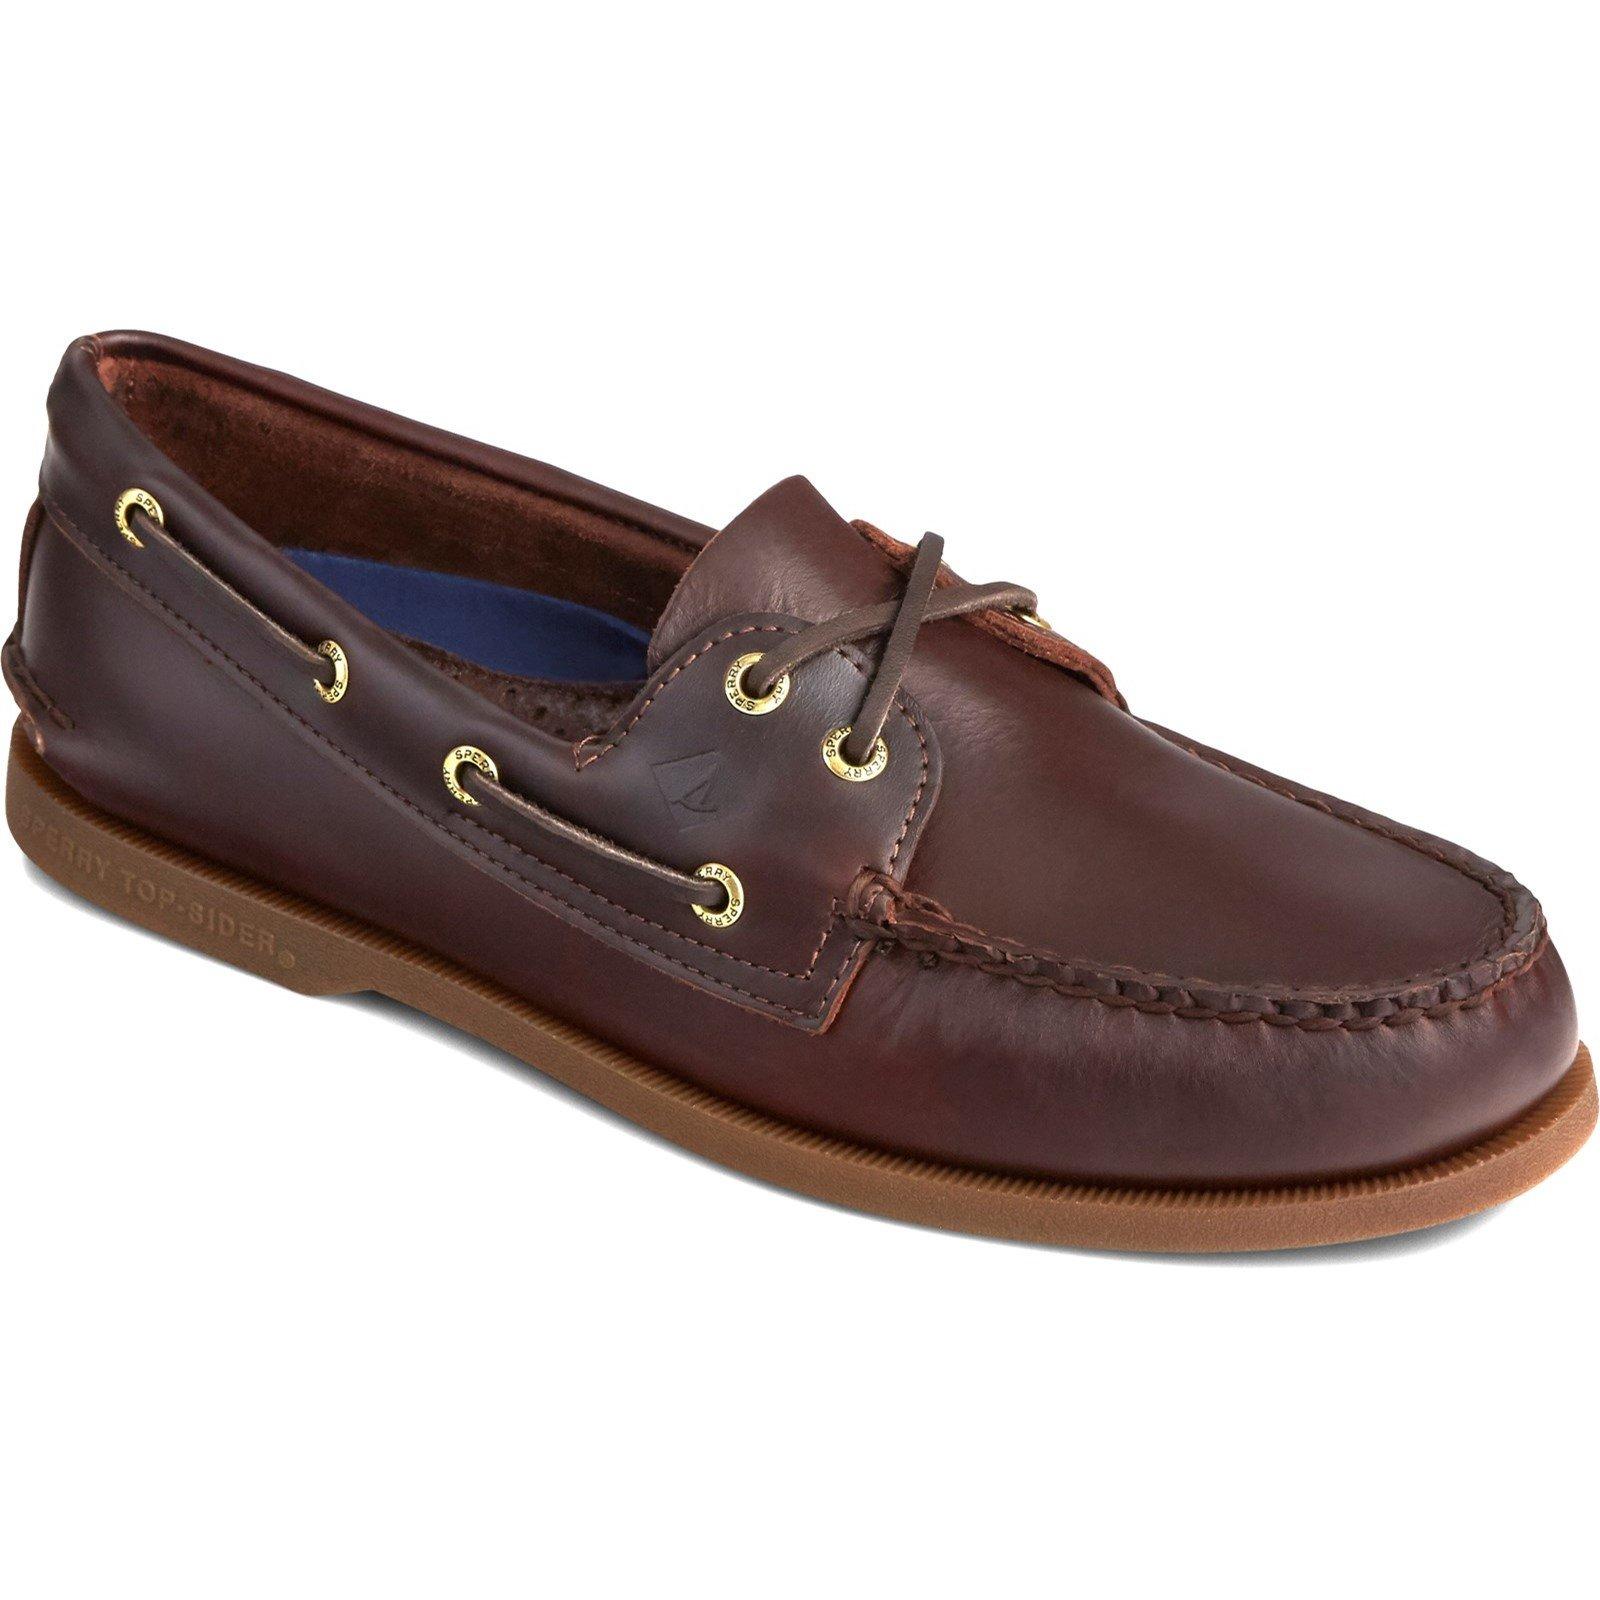 Sperry Men's Authentic Original Leather Boat Shoe Various Colours 31524 - Amaretto 8